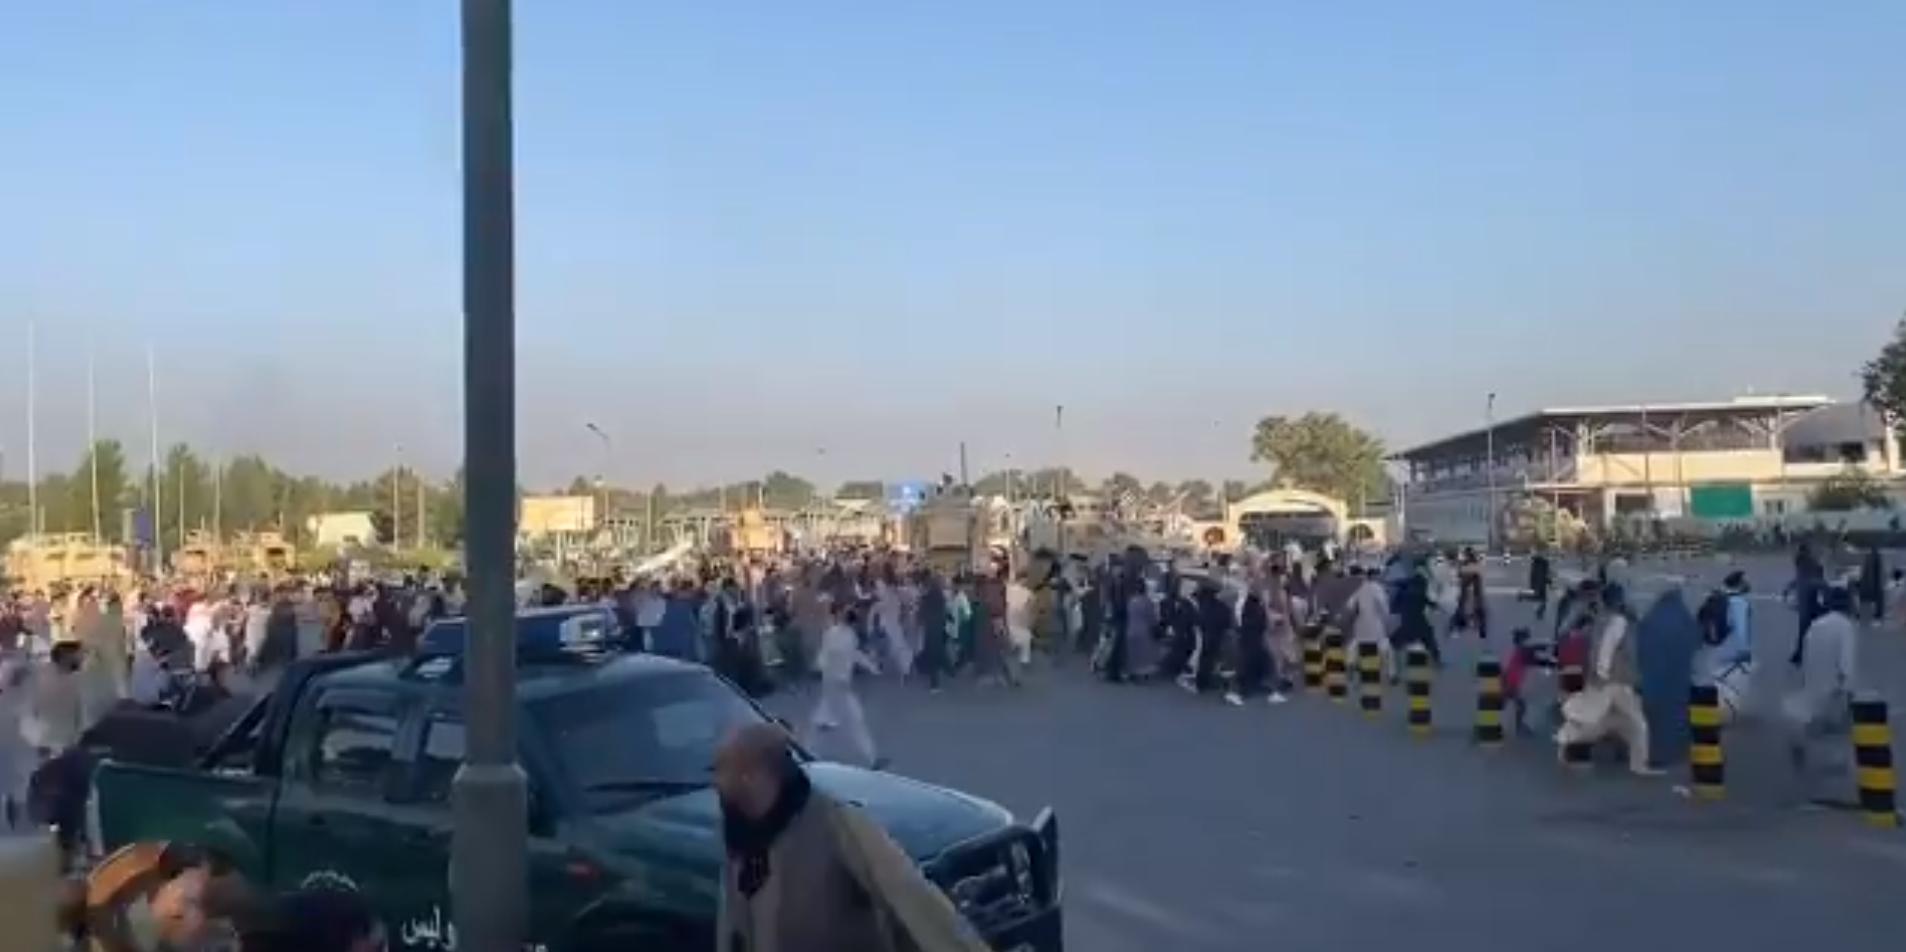 Американские военные открыли огонь по людям в аэропорту Кабула